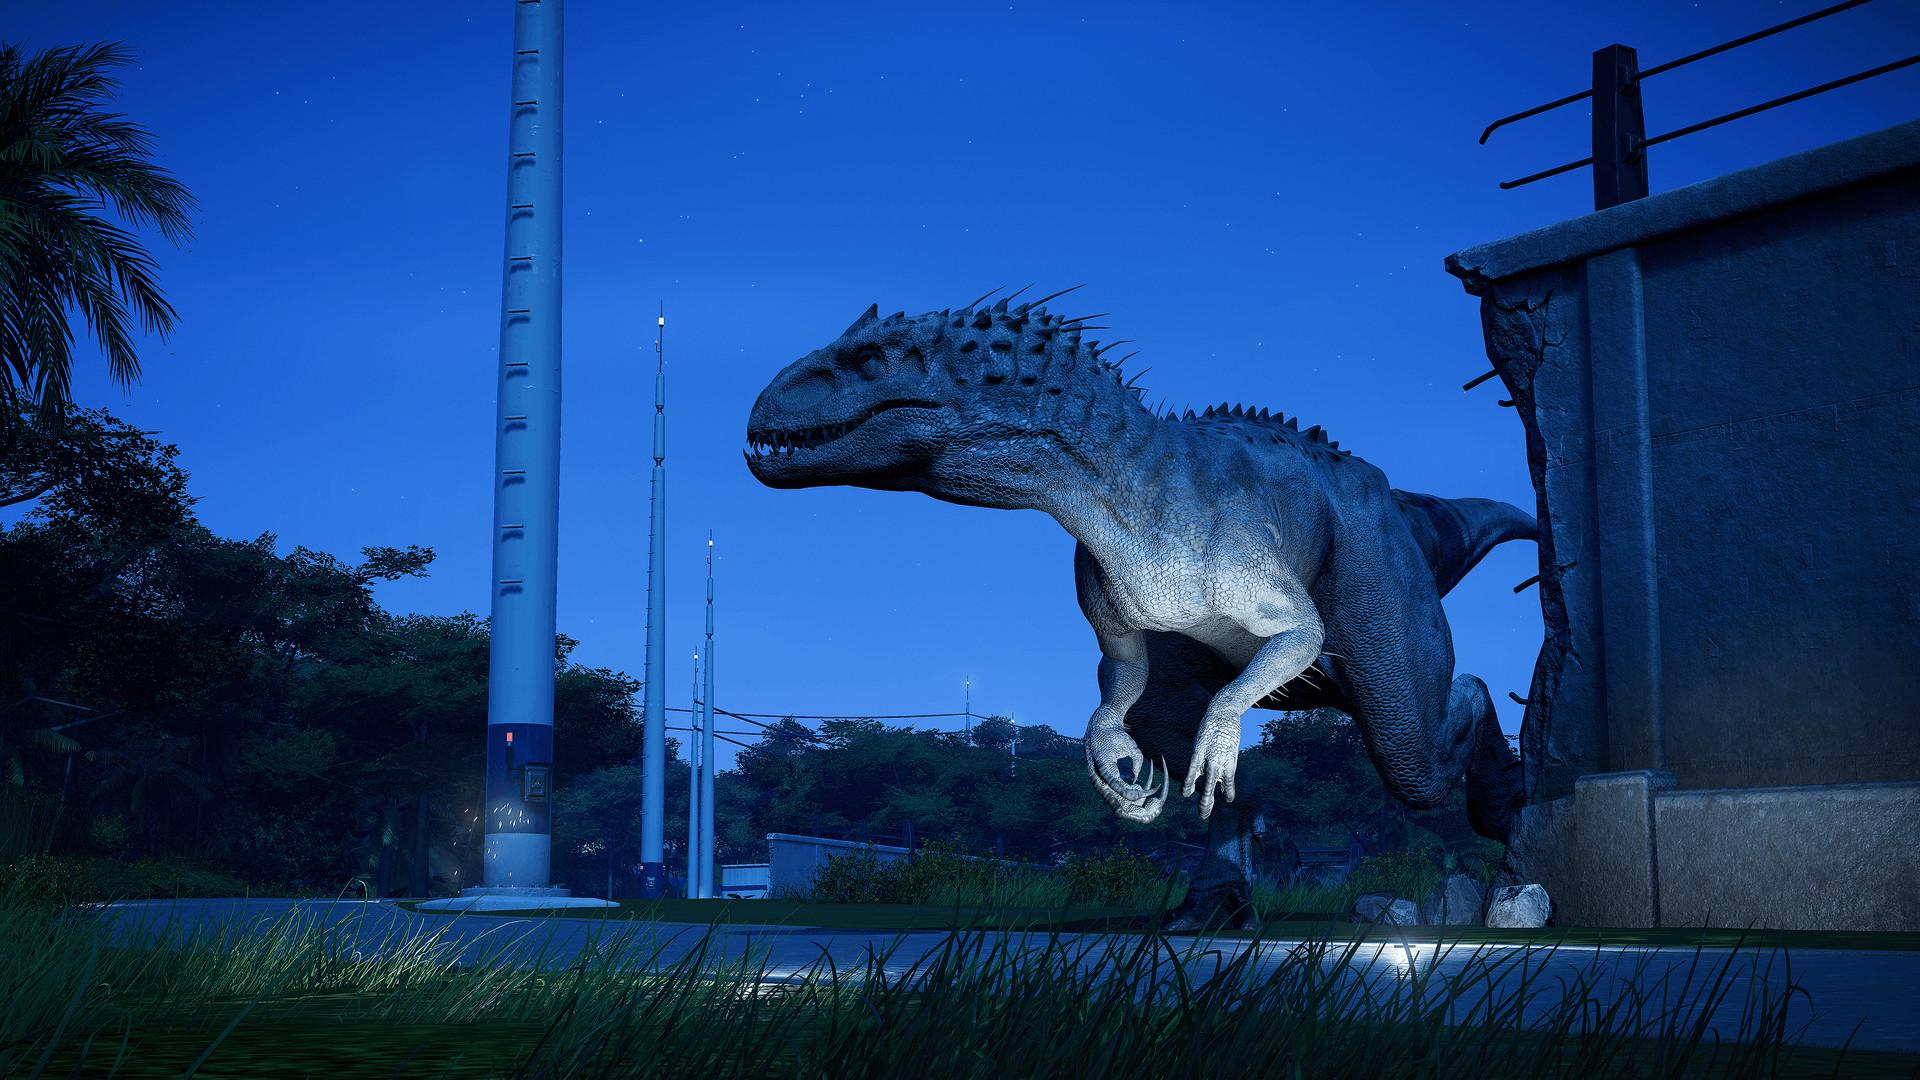 jurassic-world-evolution-pc-screenshot-4